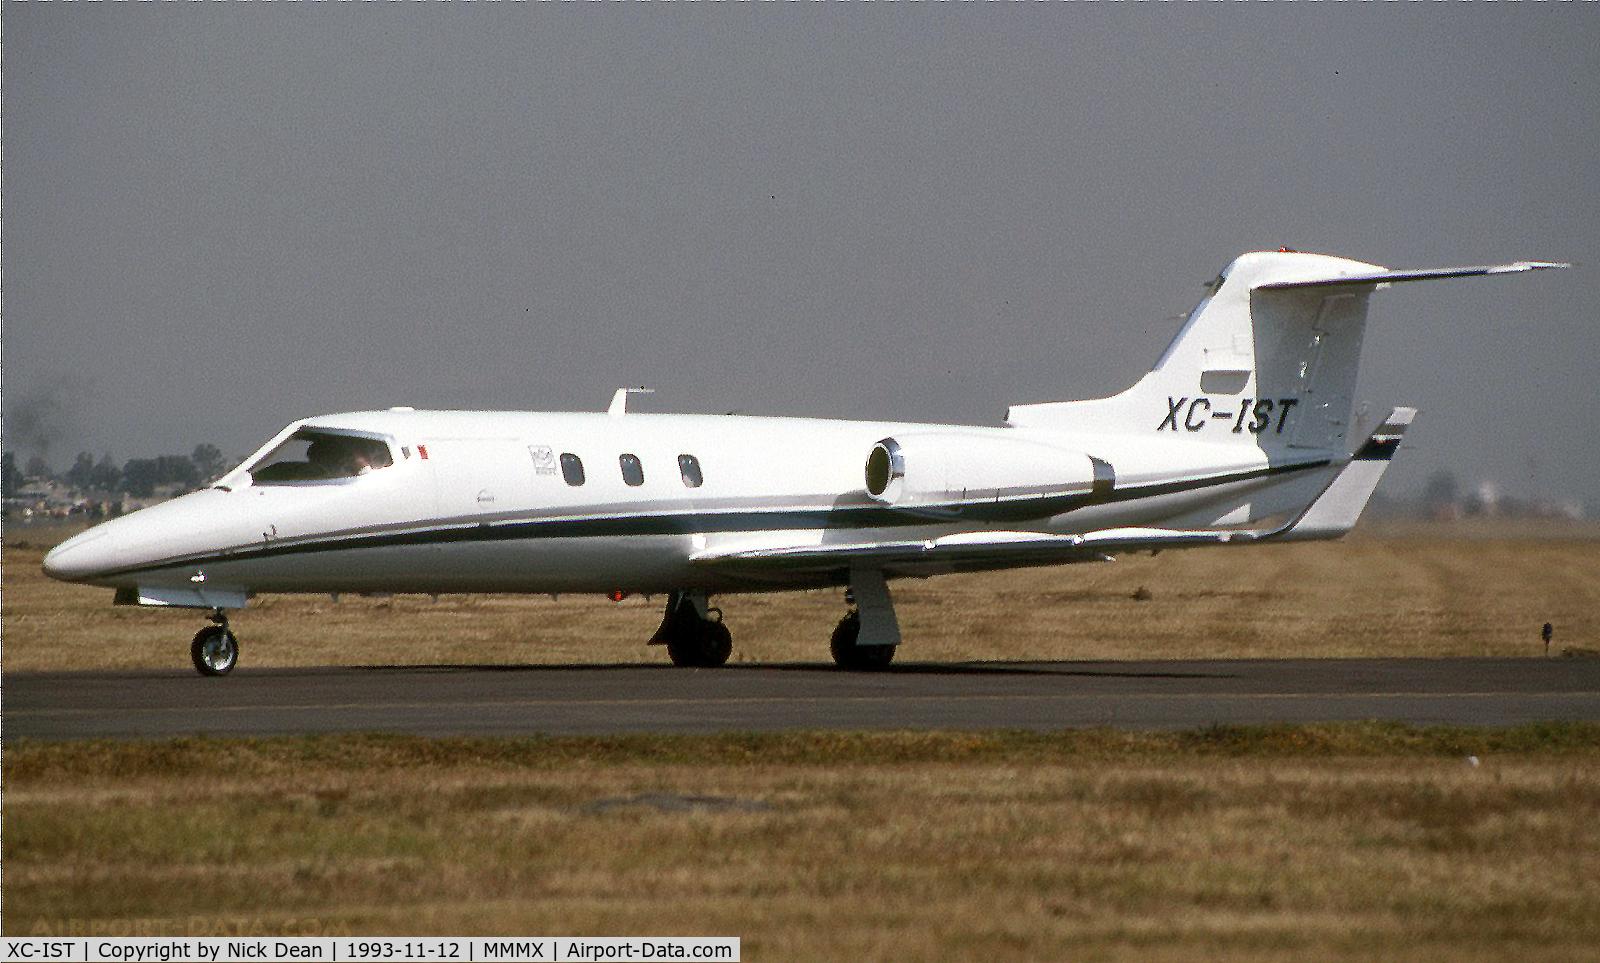 XC-IST, 1979 Learjet 29 C/N 29-001, MMMX